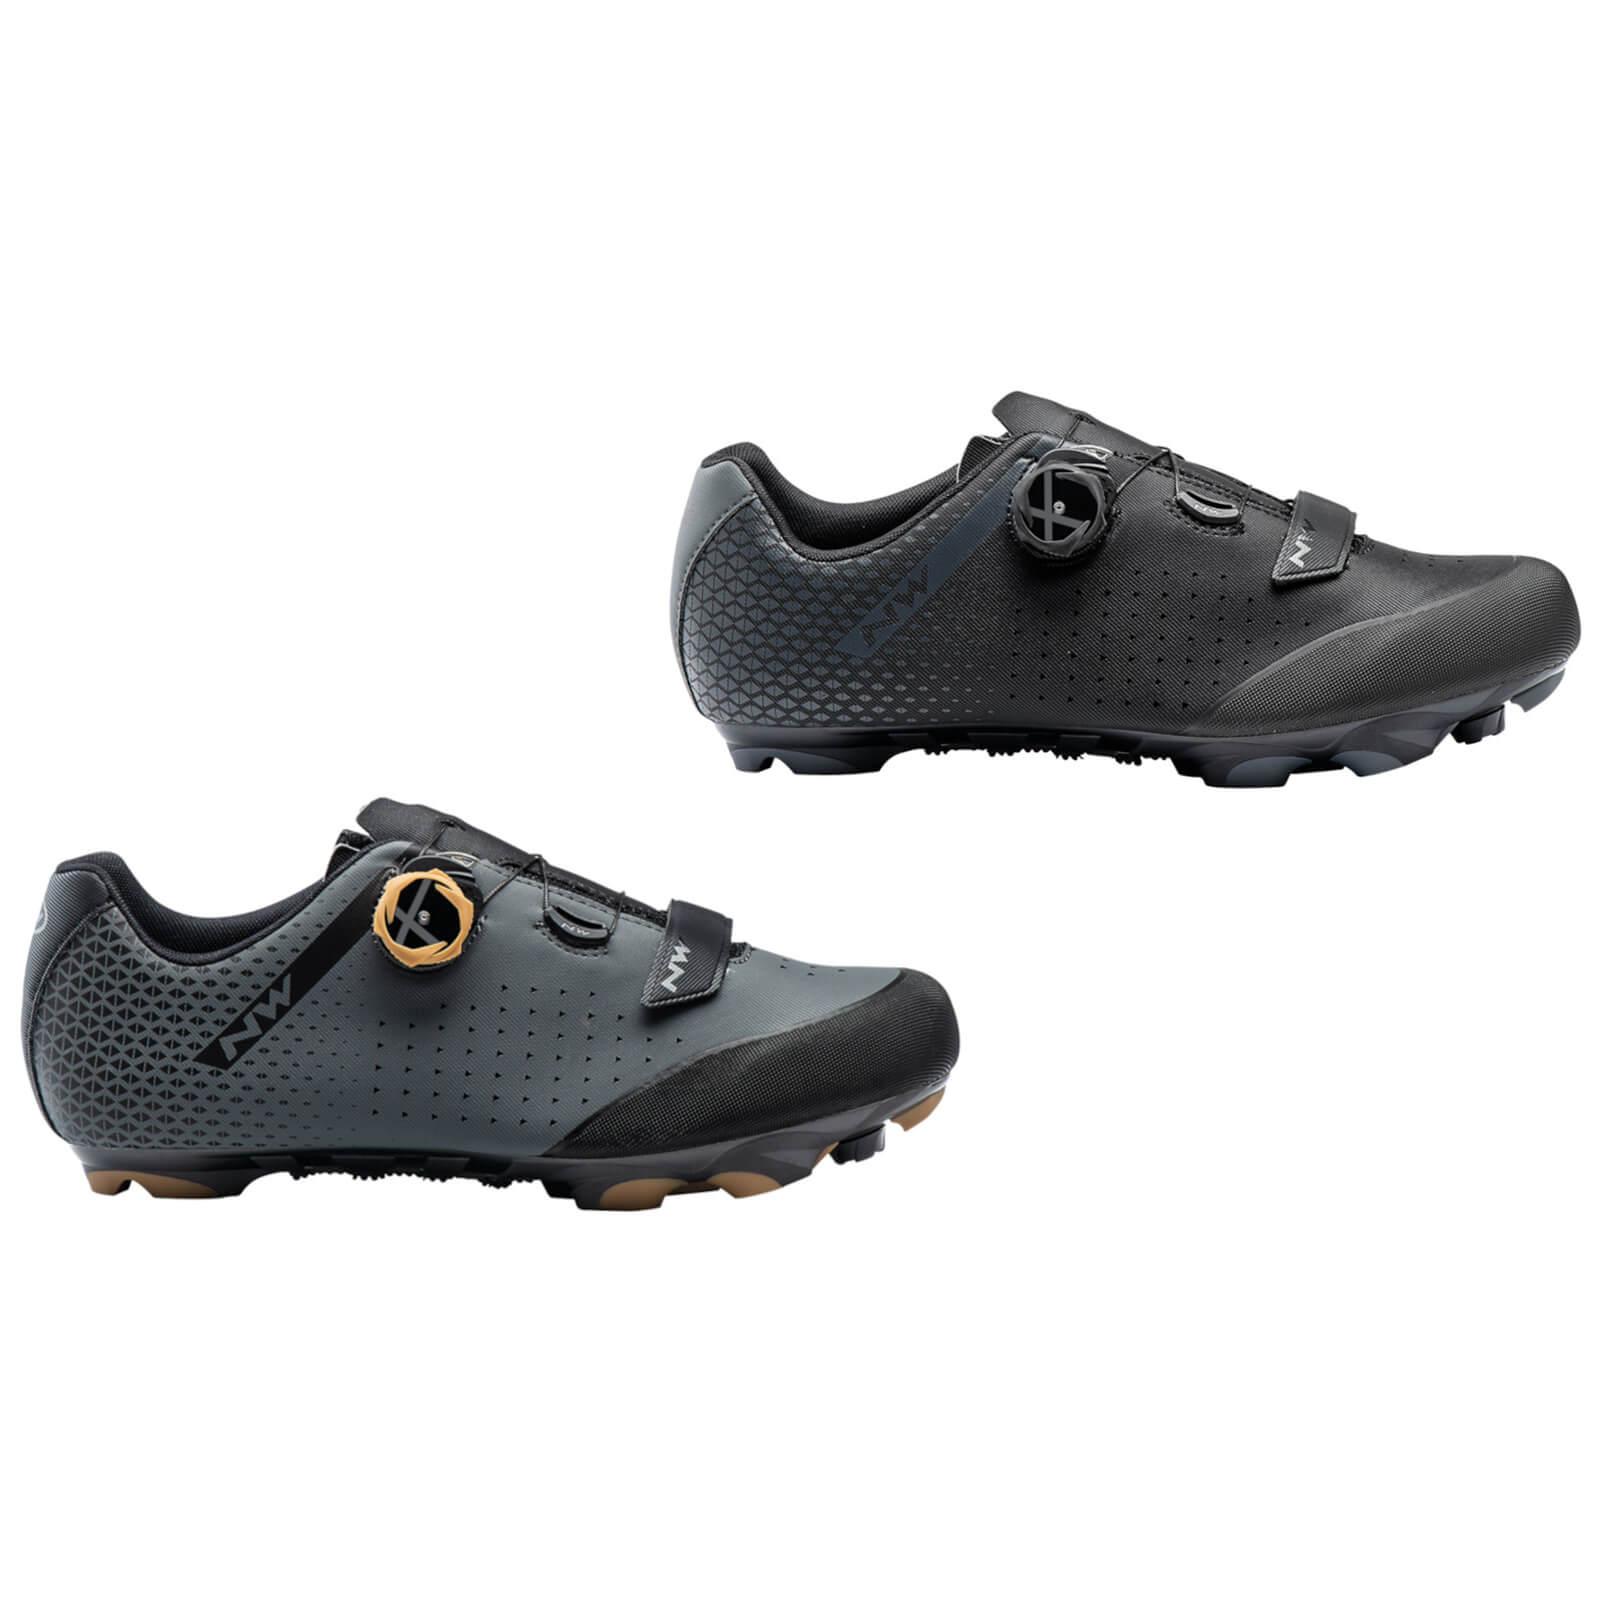 Northwave Origin Plus 2 MTB Shoes - EU42 - Black/Anthra